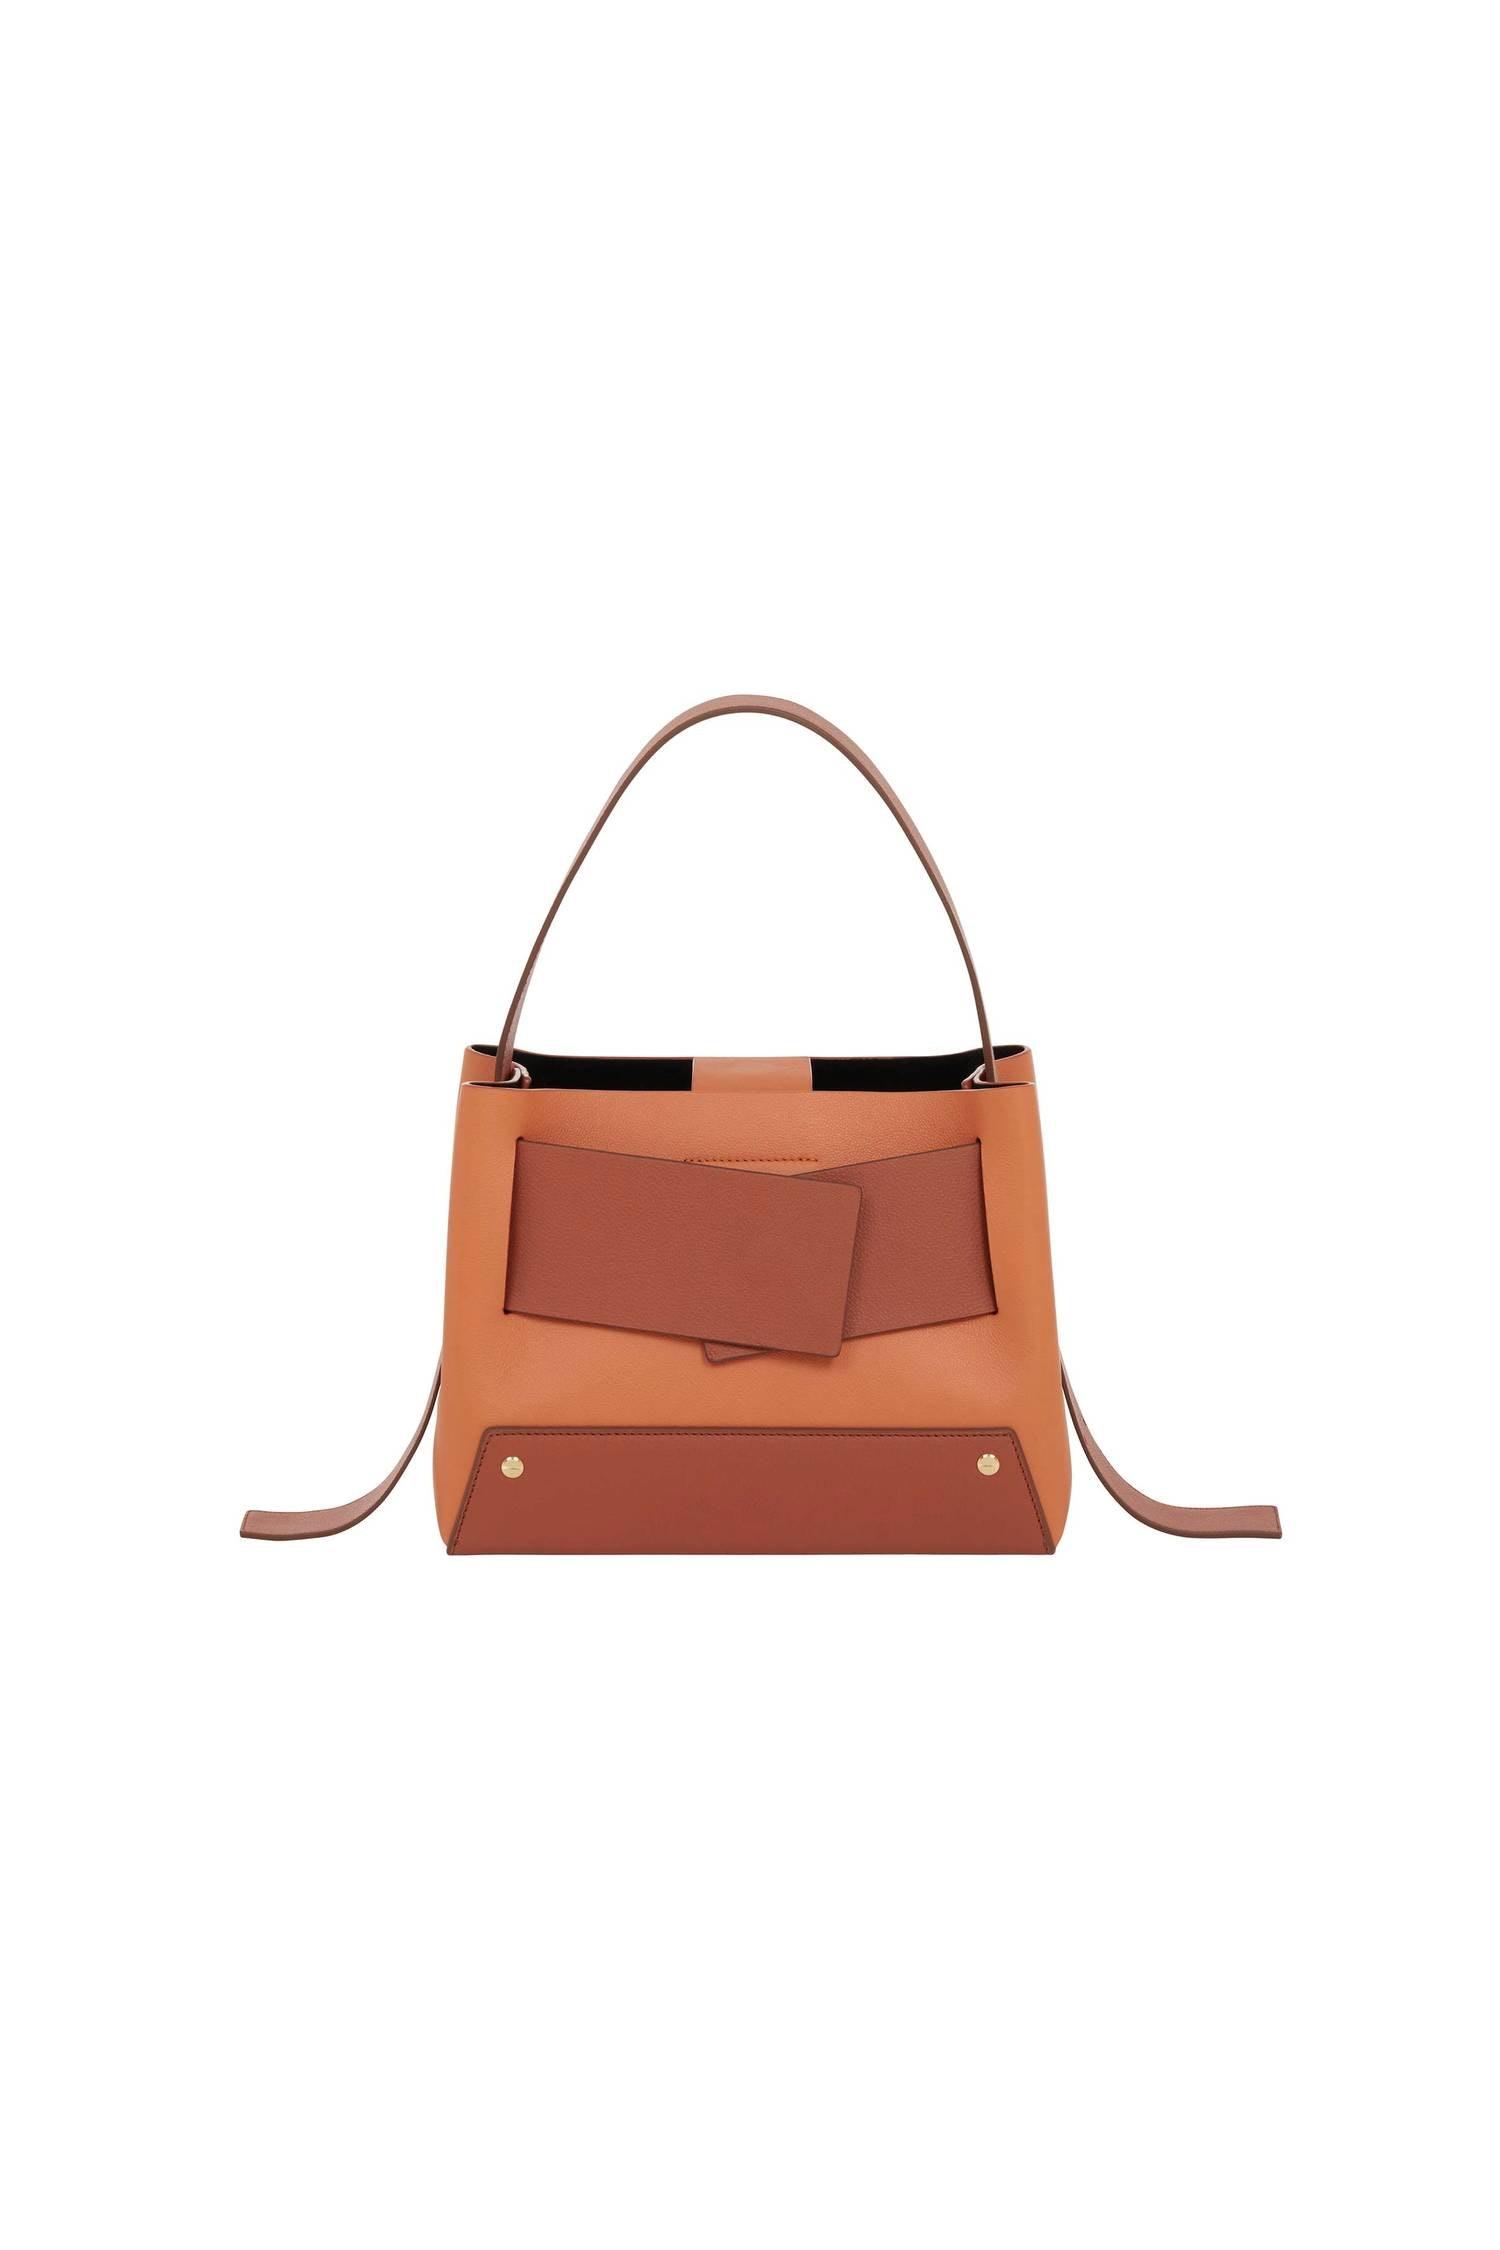 New Handbag Brand Yuzefi Is Poised For Cult-Status This Season 489dec16b6305